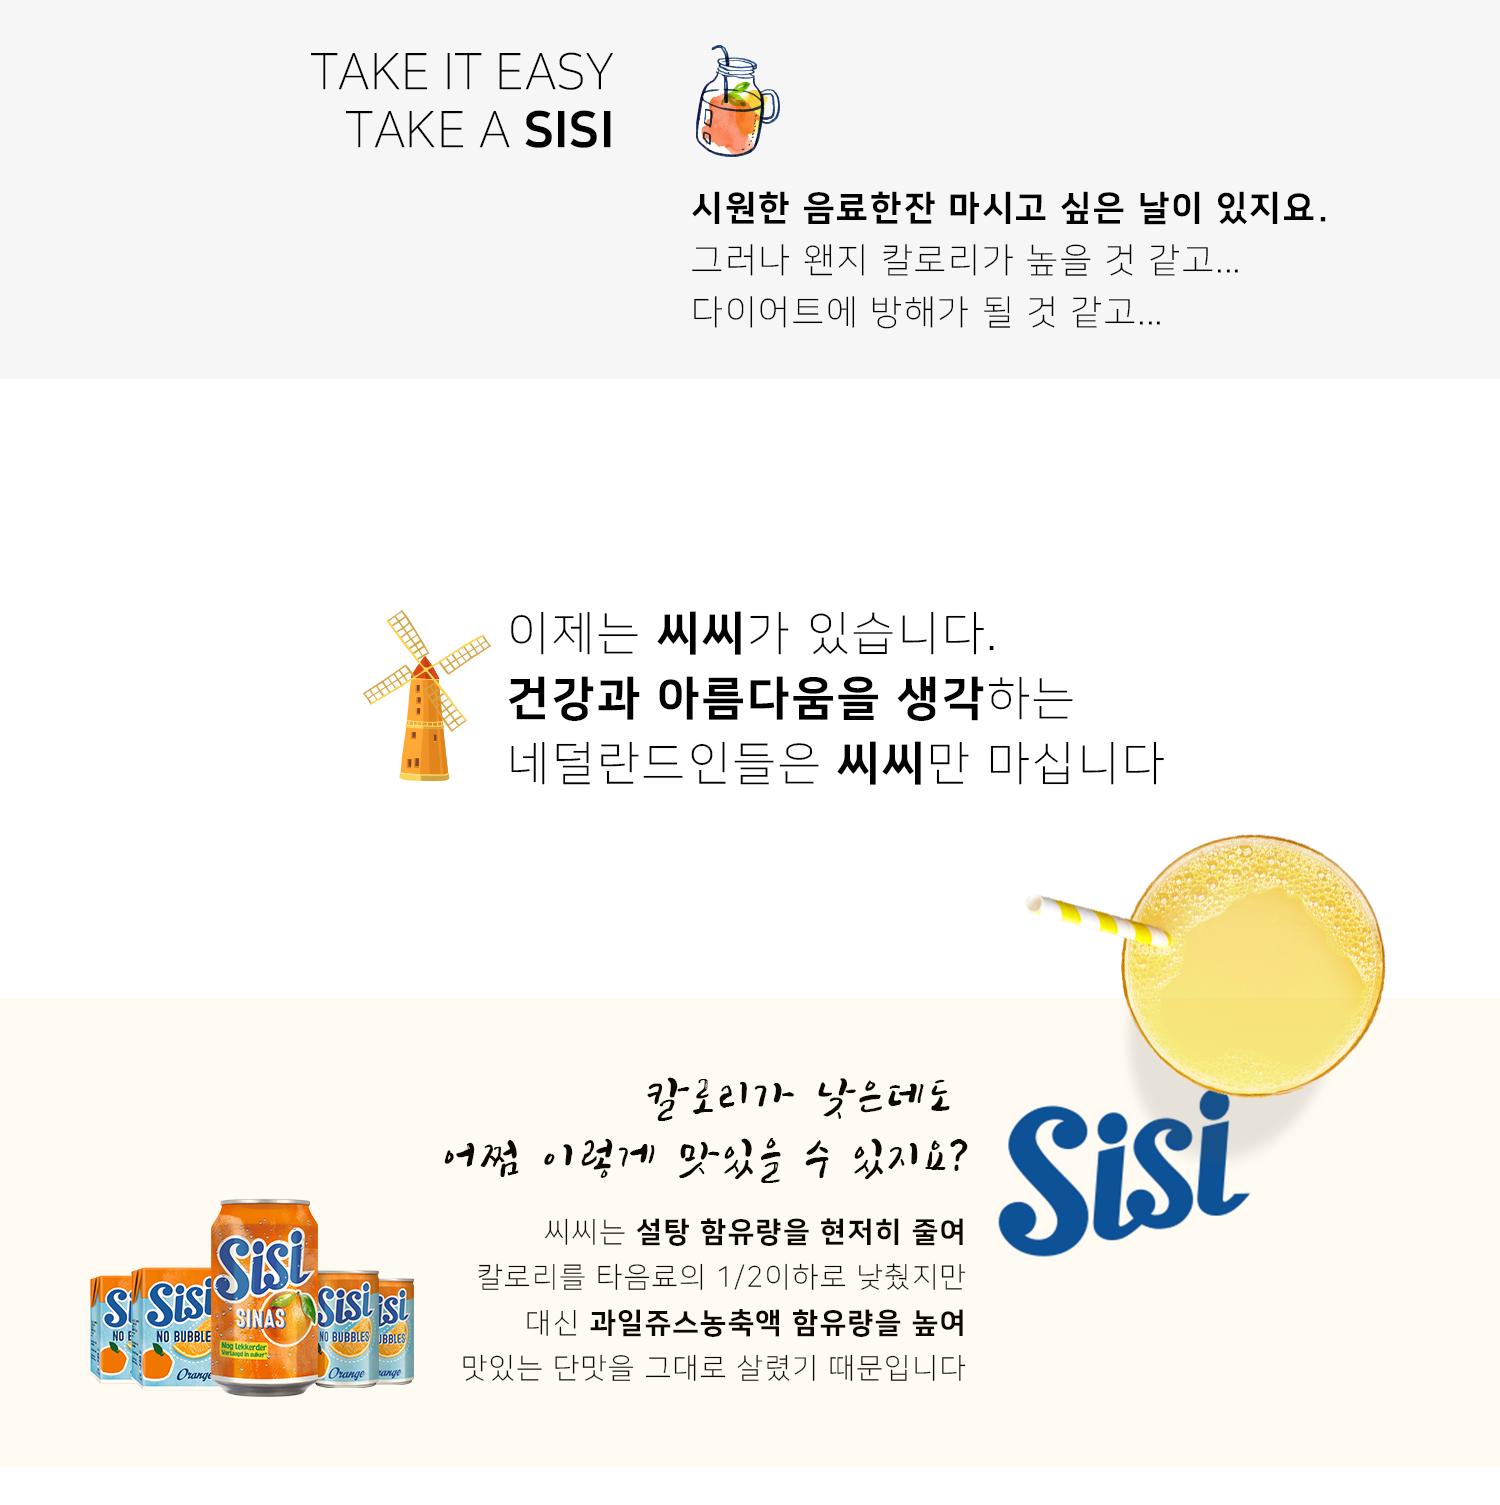 씨씨 오렌지 노버블(캔) 150ml x 24ea(무탄산) - 씨씨, 33,600원, 음료/주스/생수, 주스/과즙